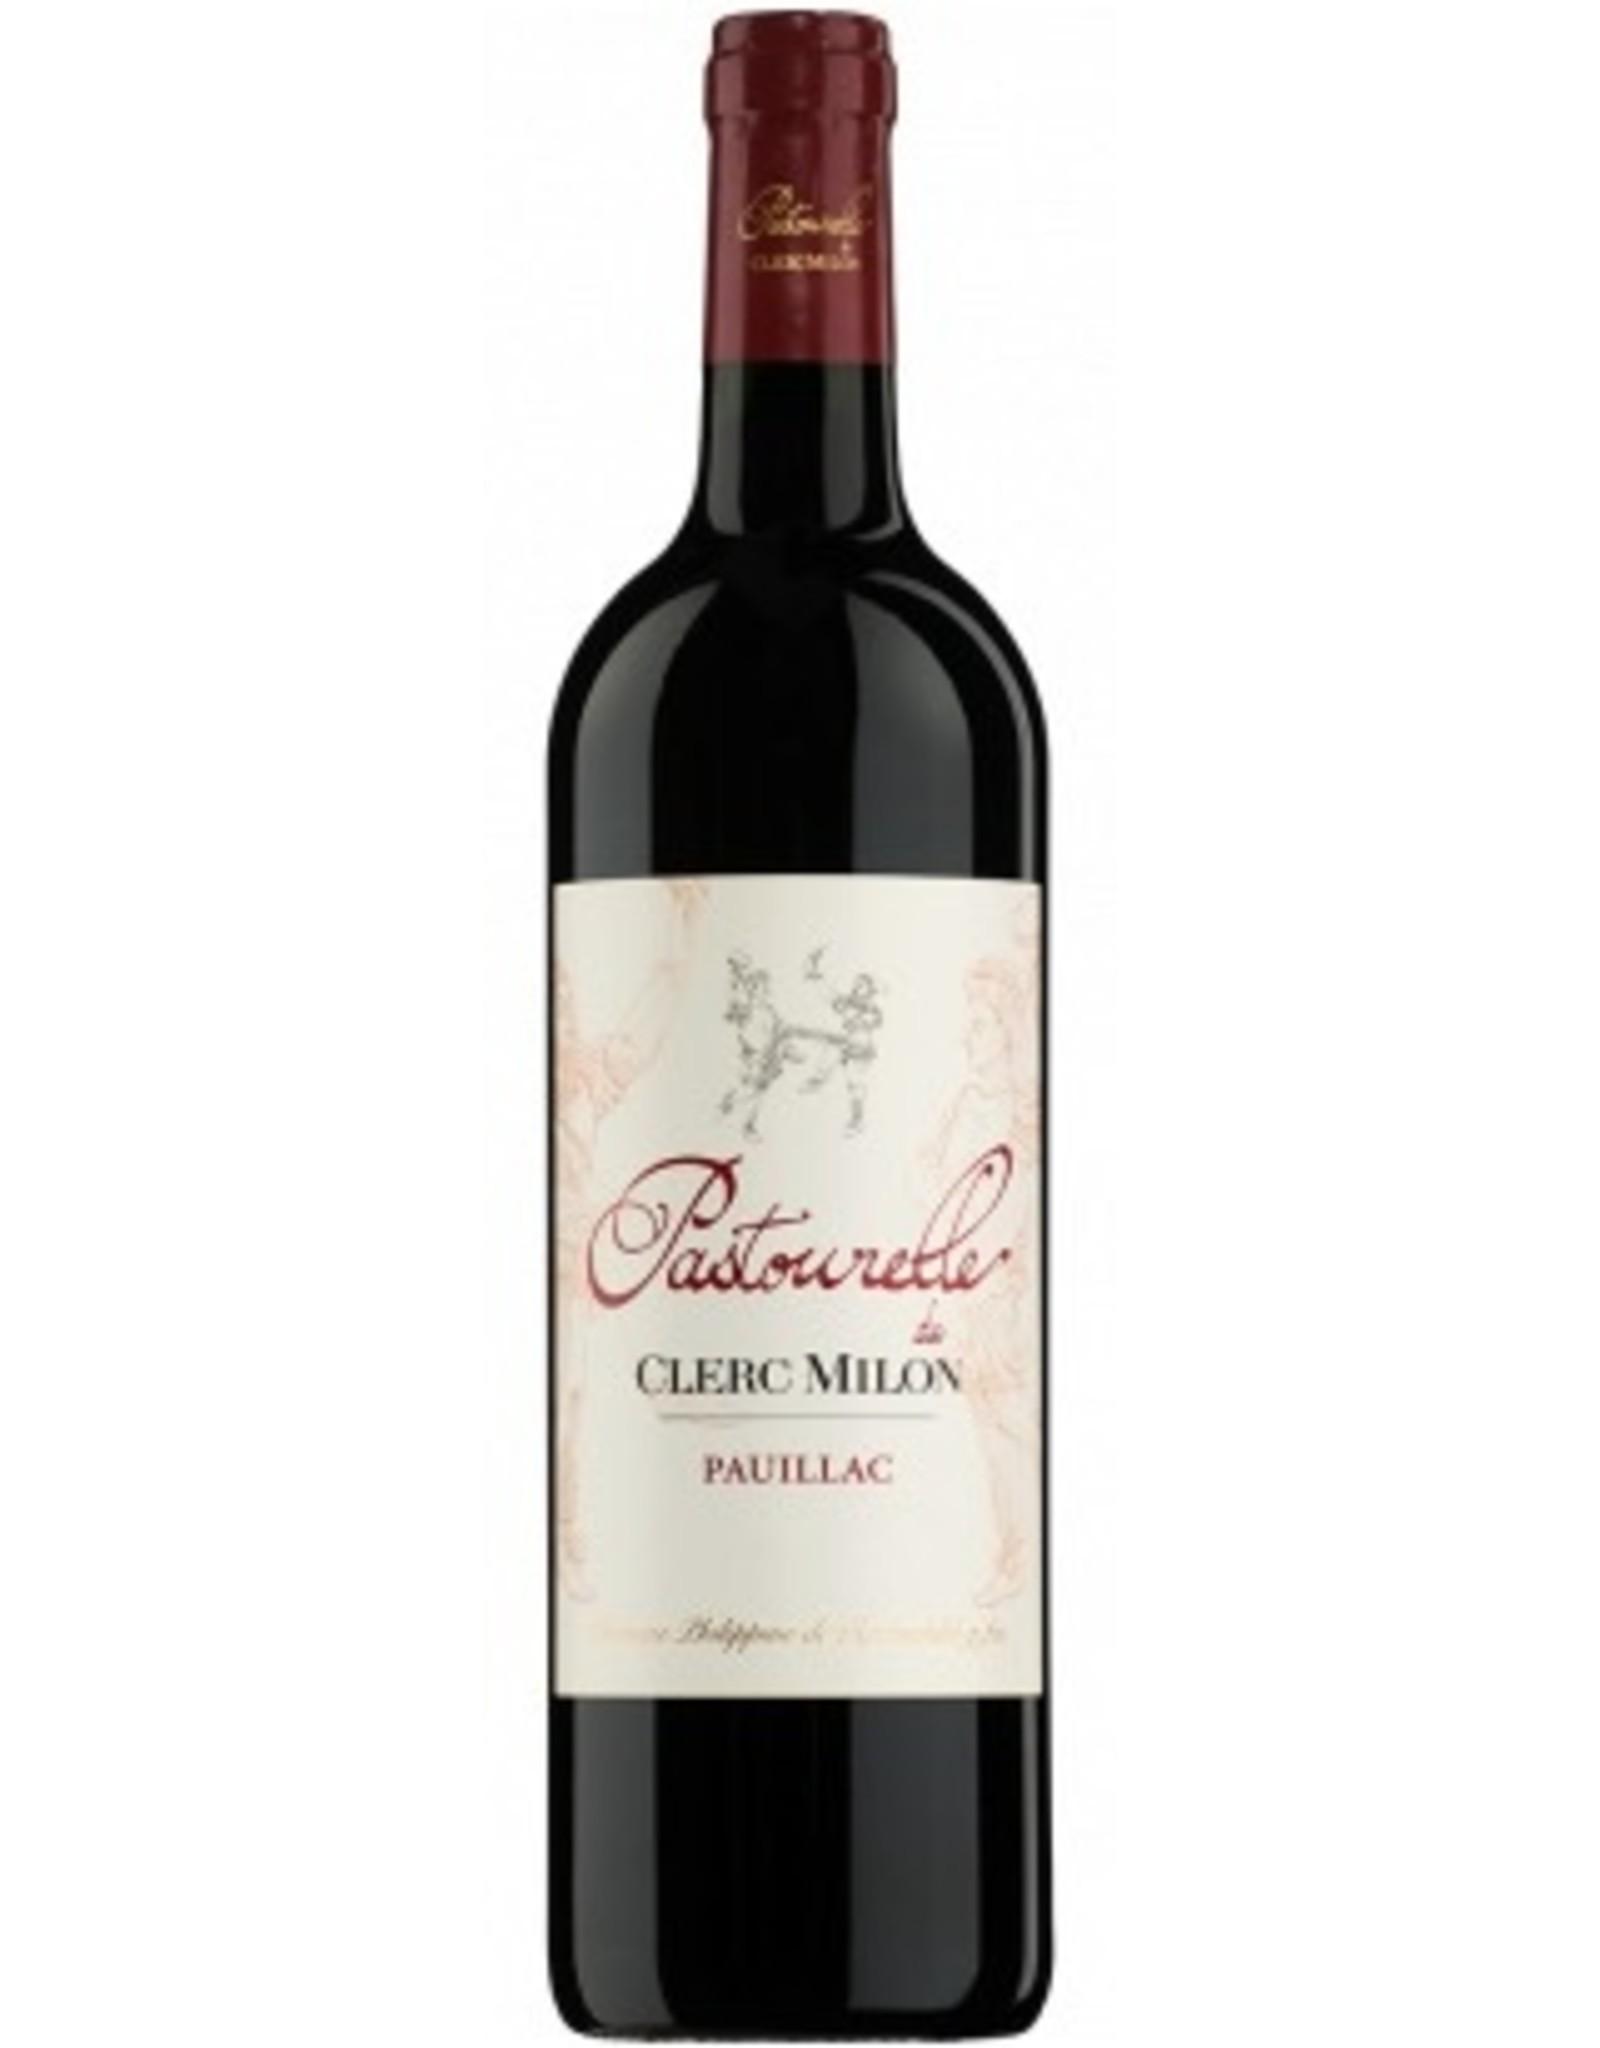 Red Wine 2010, Pastourelle de Clerc Milon by Phillipe de Rothchild Grand Cru Classe, Red Bordeaux Blend, Pauillac, Bordeaux, France, 14% Alc, CTnr